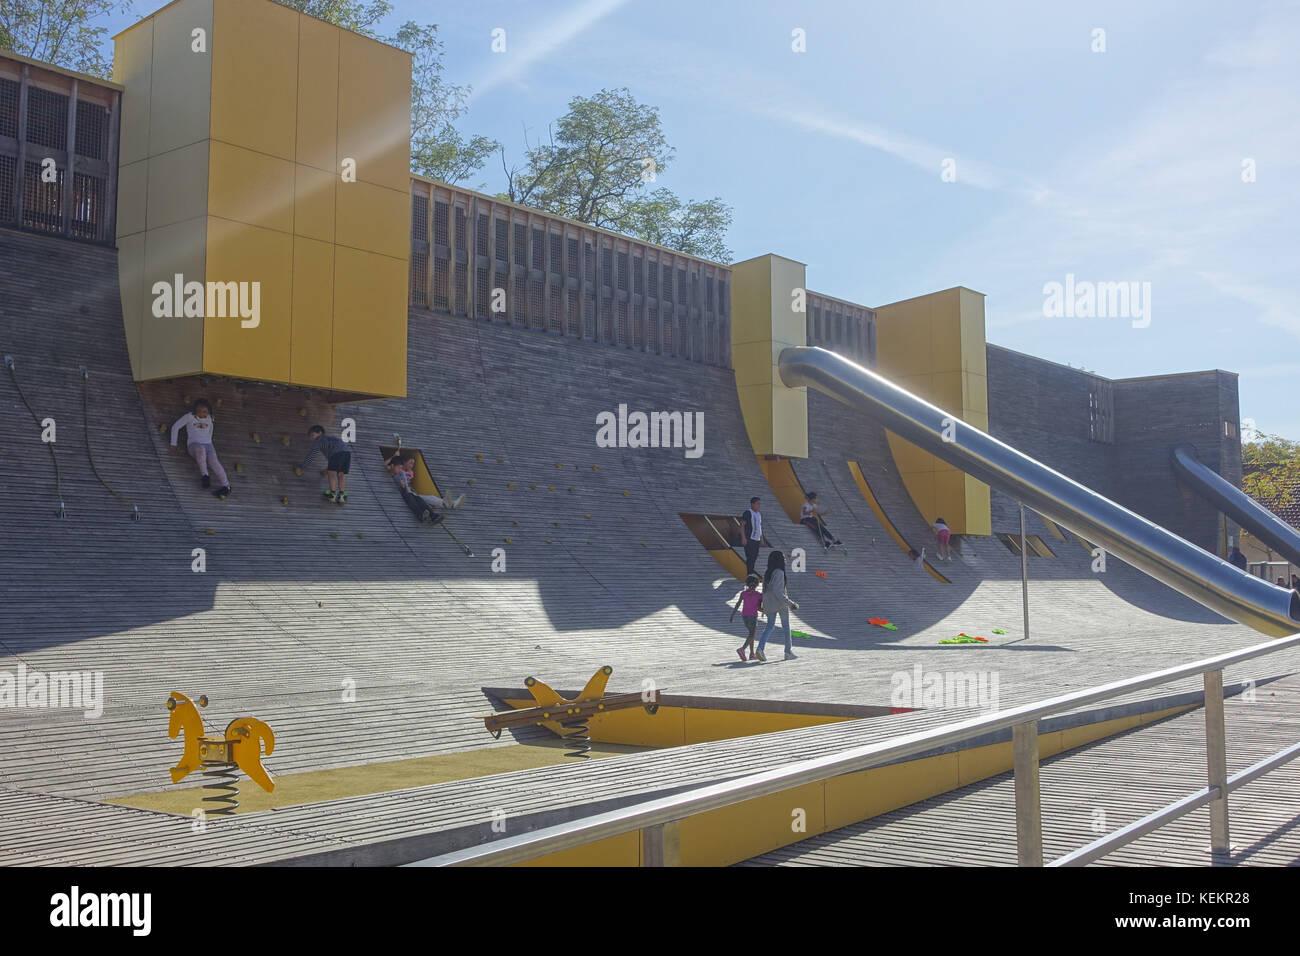 Lyon, Parc Blandan, moderner Spielplatz - Lyon, Parc Blandan, Modern Playground - Stock Image